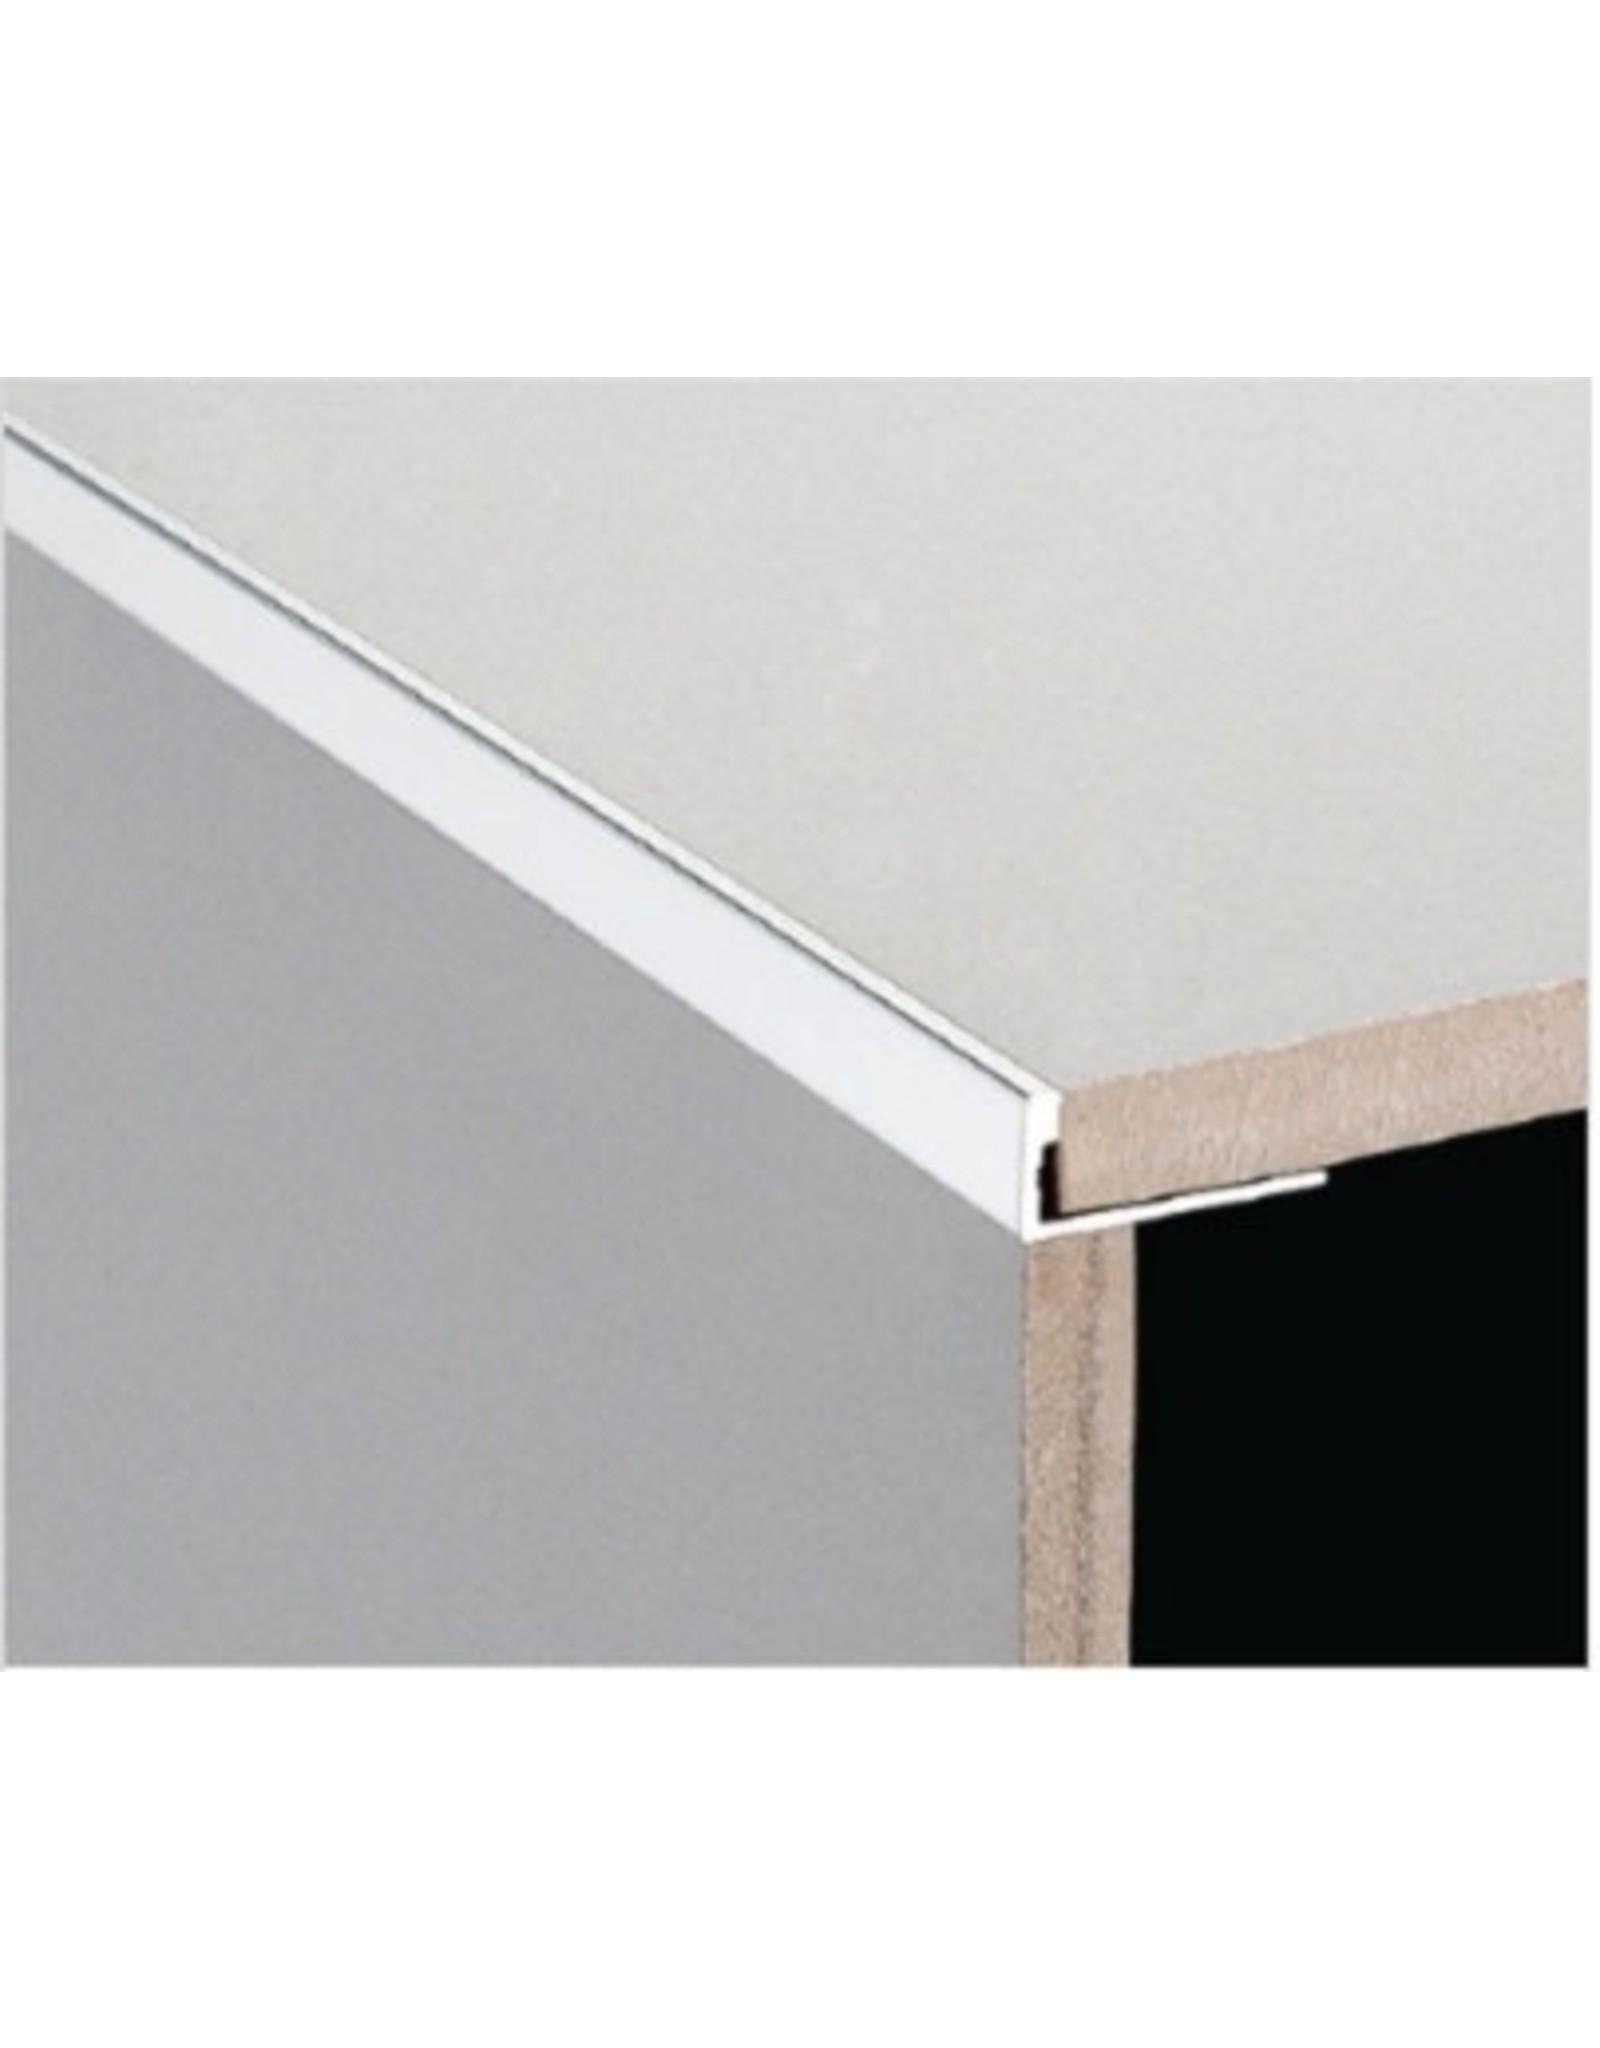 DTA 25mm DTA Aluminium L-Shape Trim Bright Silver